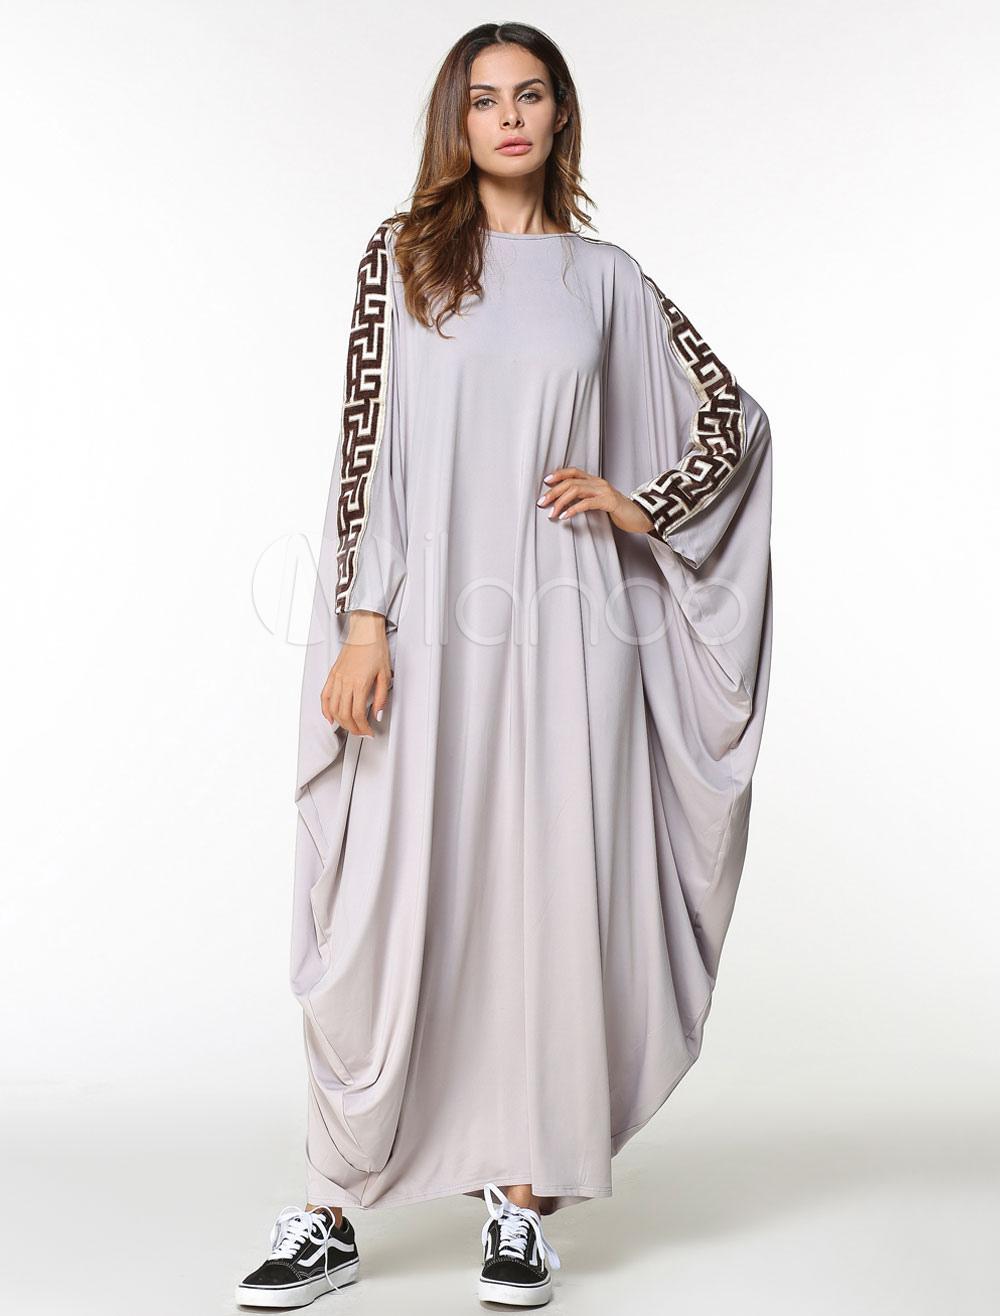 8008157d ... Oversized Kaftan Dress Women Long Sleeve Muslim Jalabiya Dress-No.5. 1.  30%OFF. Color:Apricot. AddThis Sharing Buttons